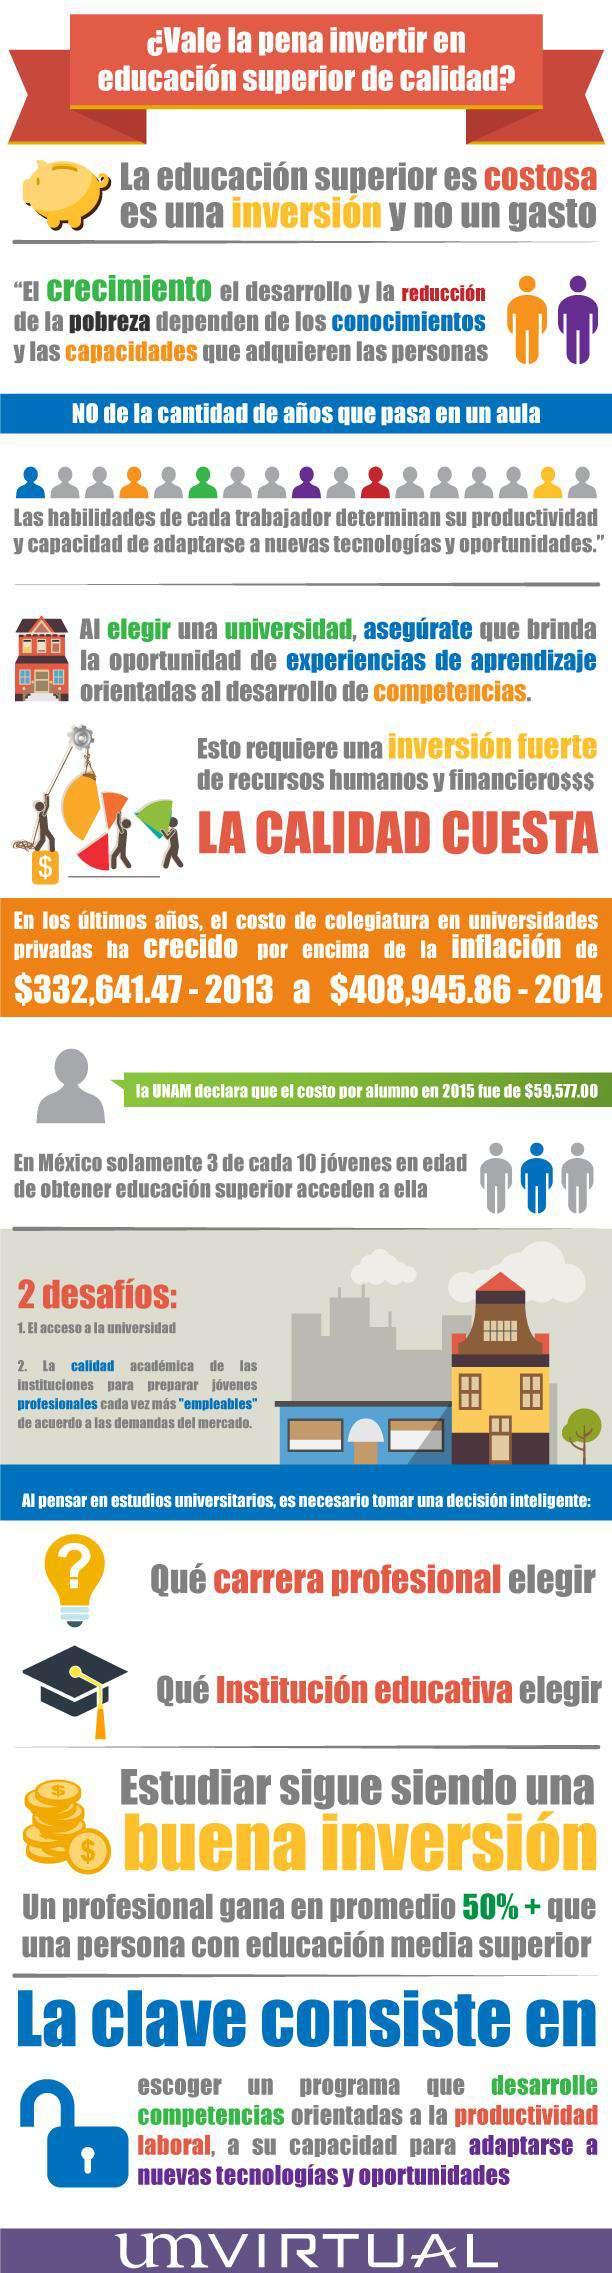 infografia-invertir-en-educacion-superior-de-calidad-1